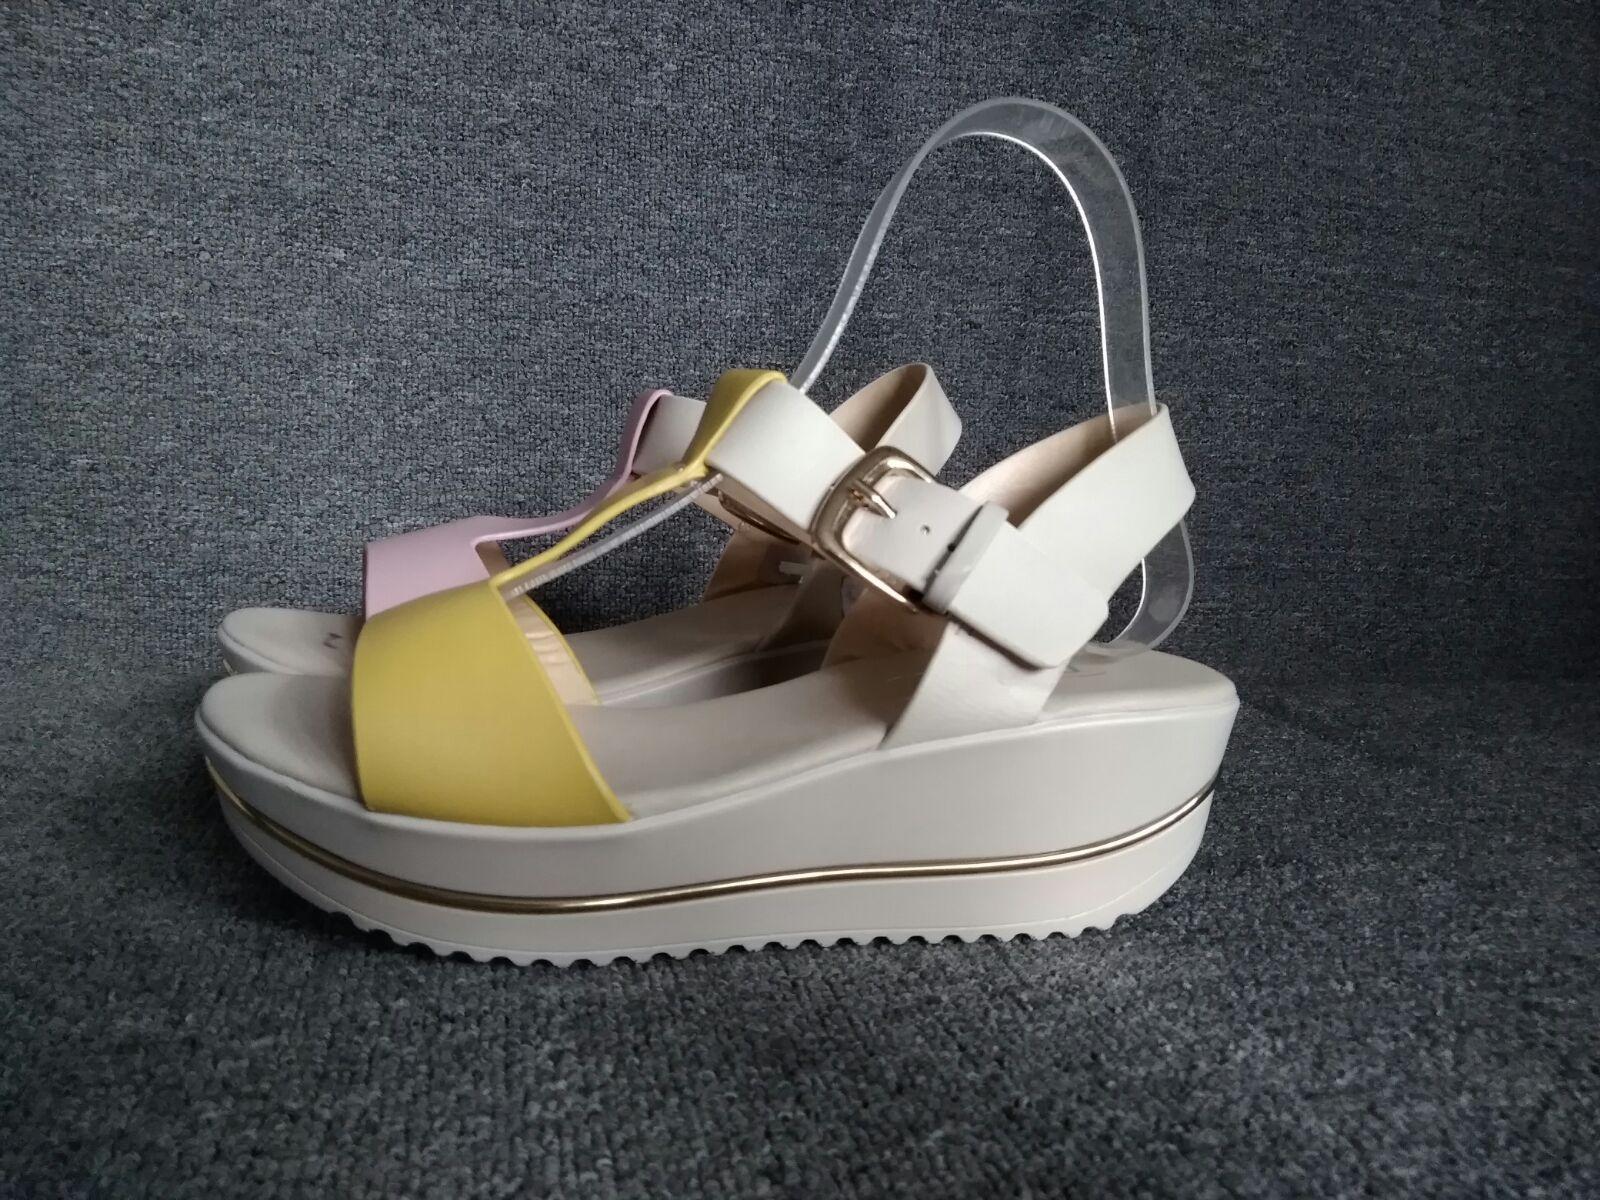 黄色凉鞋 品牌女鞋凉鞋松糕底真皮38元真皮牛皮 黄色  粉色 凉鞋学生摇摇鞋_推荐淘宝好看的黄色凉鞋